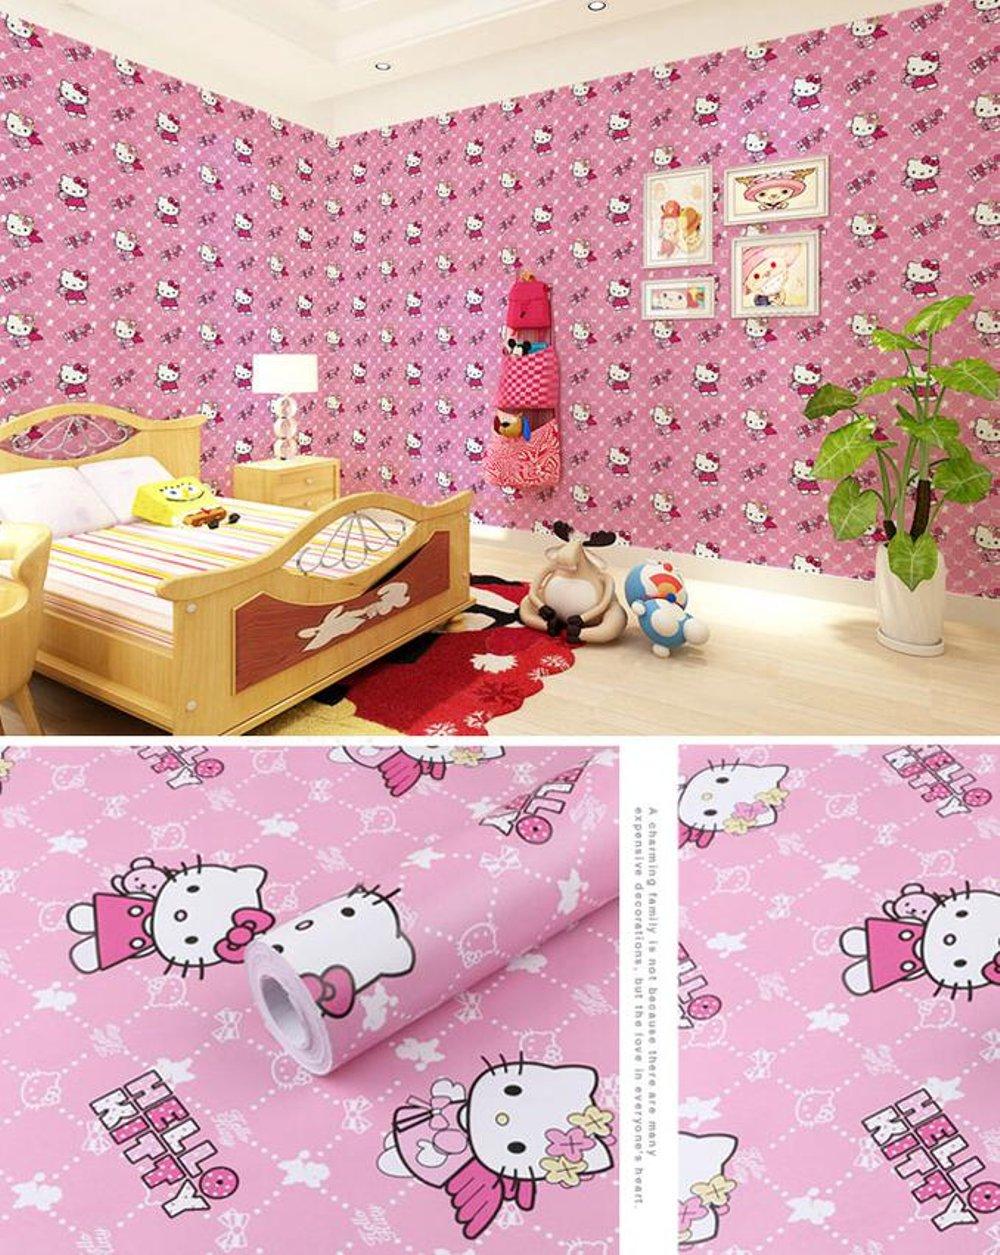 Wallpaper Stiker Dinding Motif Dan Karakter Premium Quality Size 45cm X 10M Hello Kitty